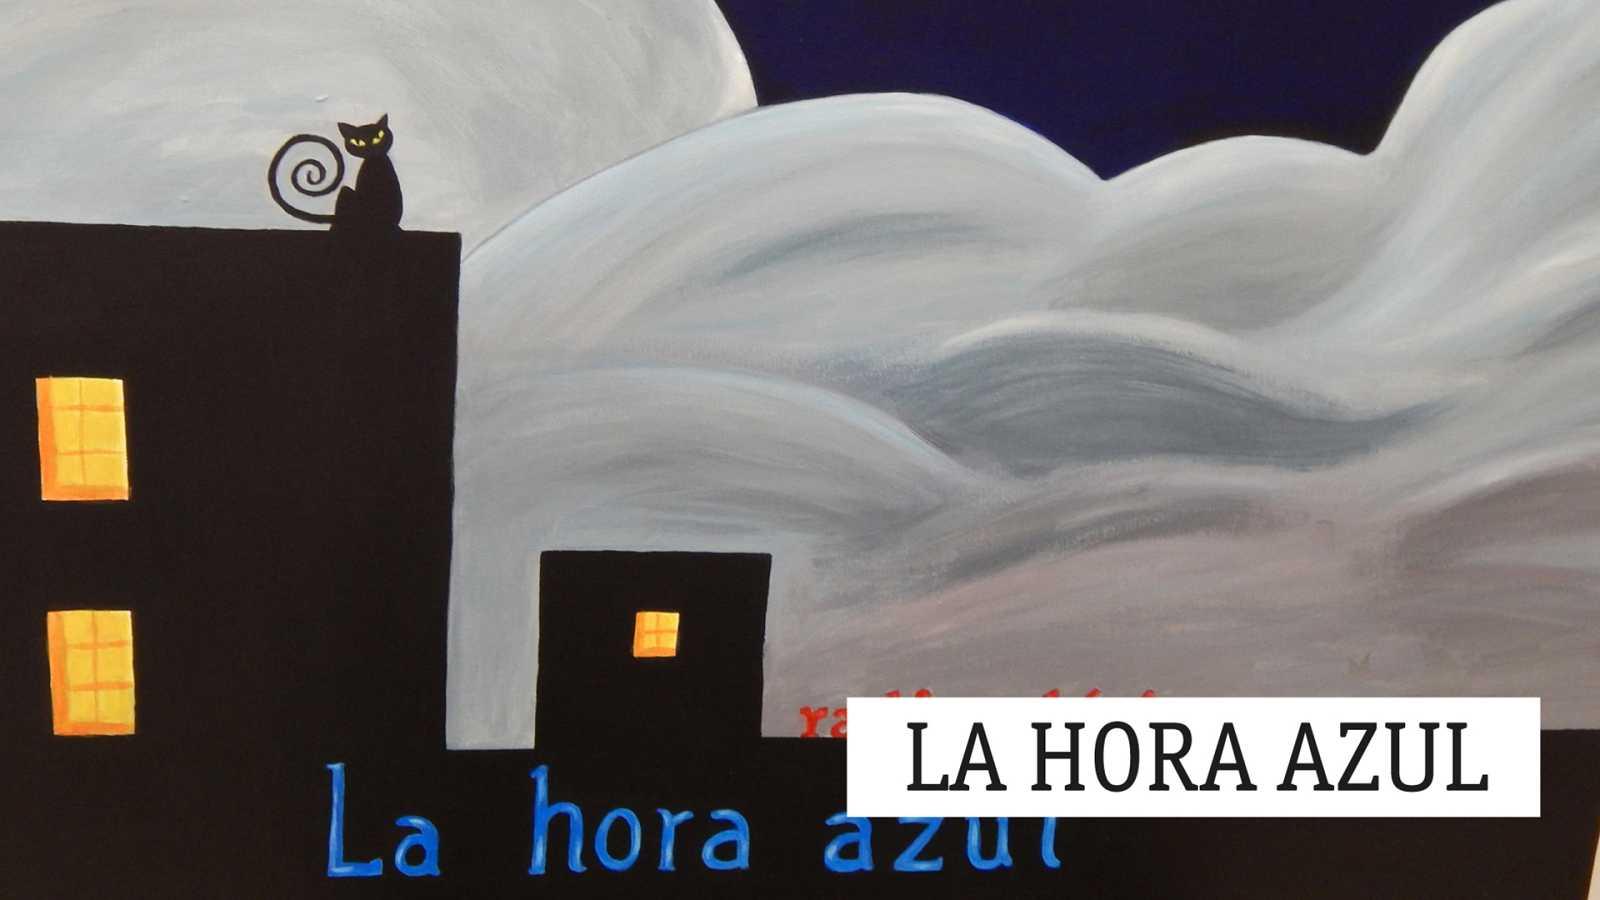 La hora azul - El laberinto de Arianna - 08/02/21 - escuchar ahora